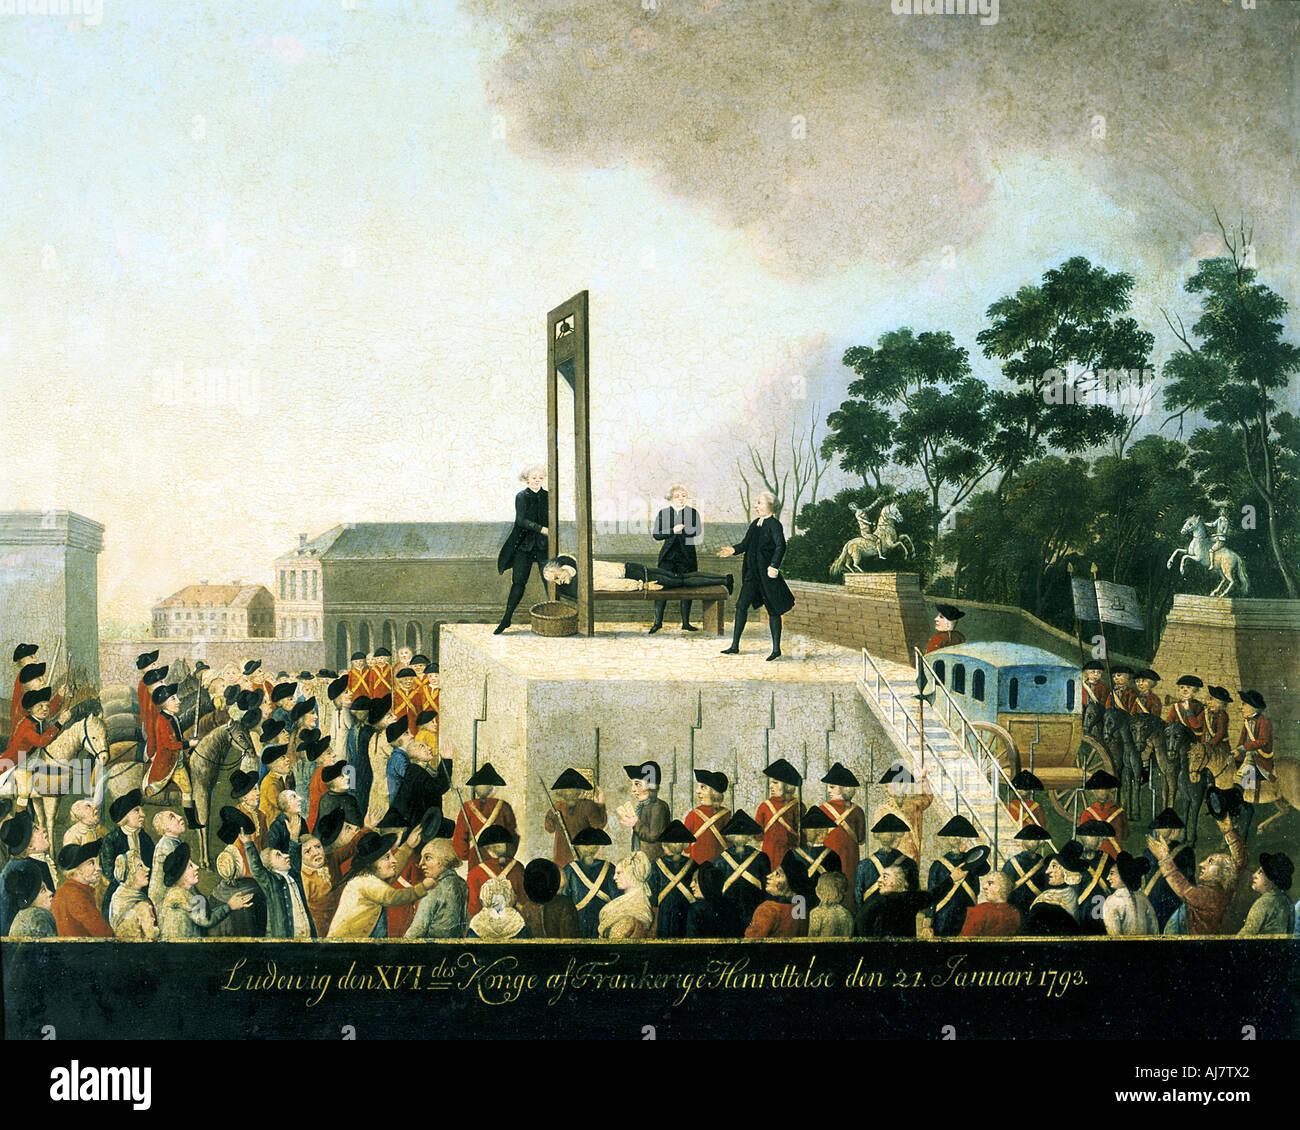 Esecuzione mediante la ghigliottina di Luigi XVI di Francia, Parigi, 21 gennaio 1793 (1790s). Artista: Anon Immagini Stock